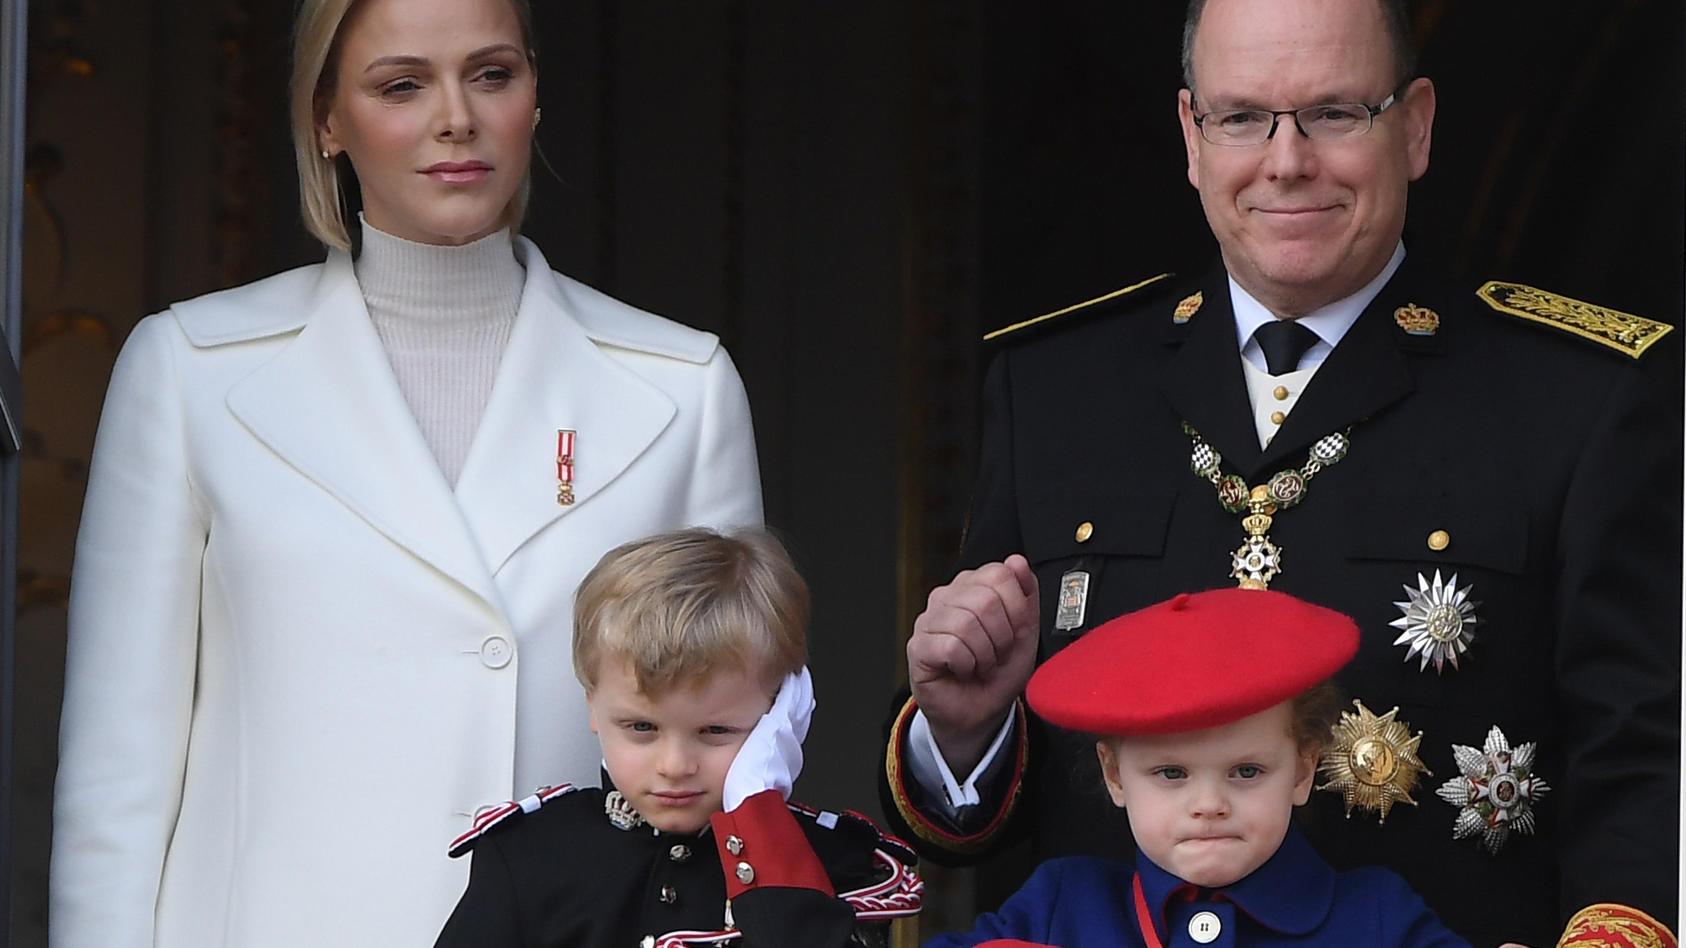 Die Grimaldi-Zwillinge Prinz Jacques und Prinzessin Gabriella (4) scheinen nicht ganz so begeistert vom royalen Trubel.